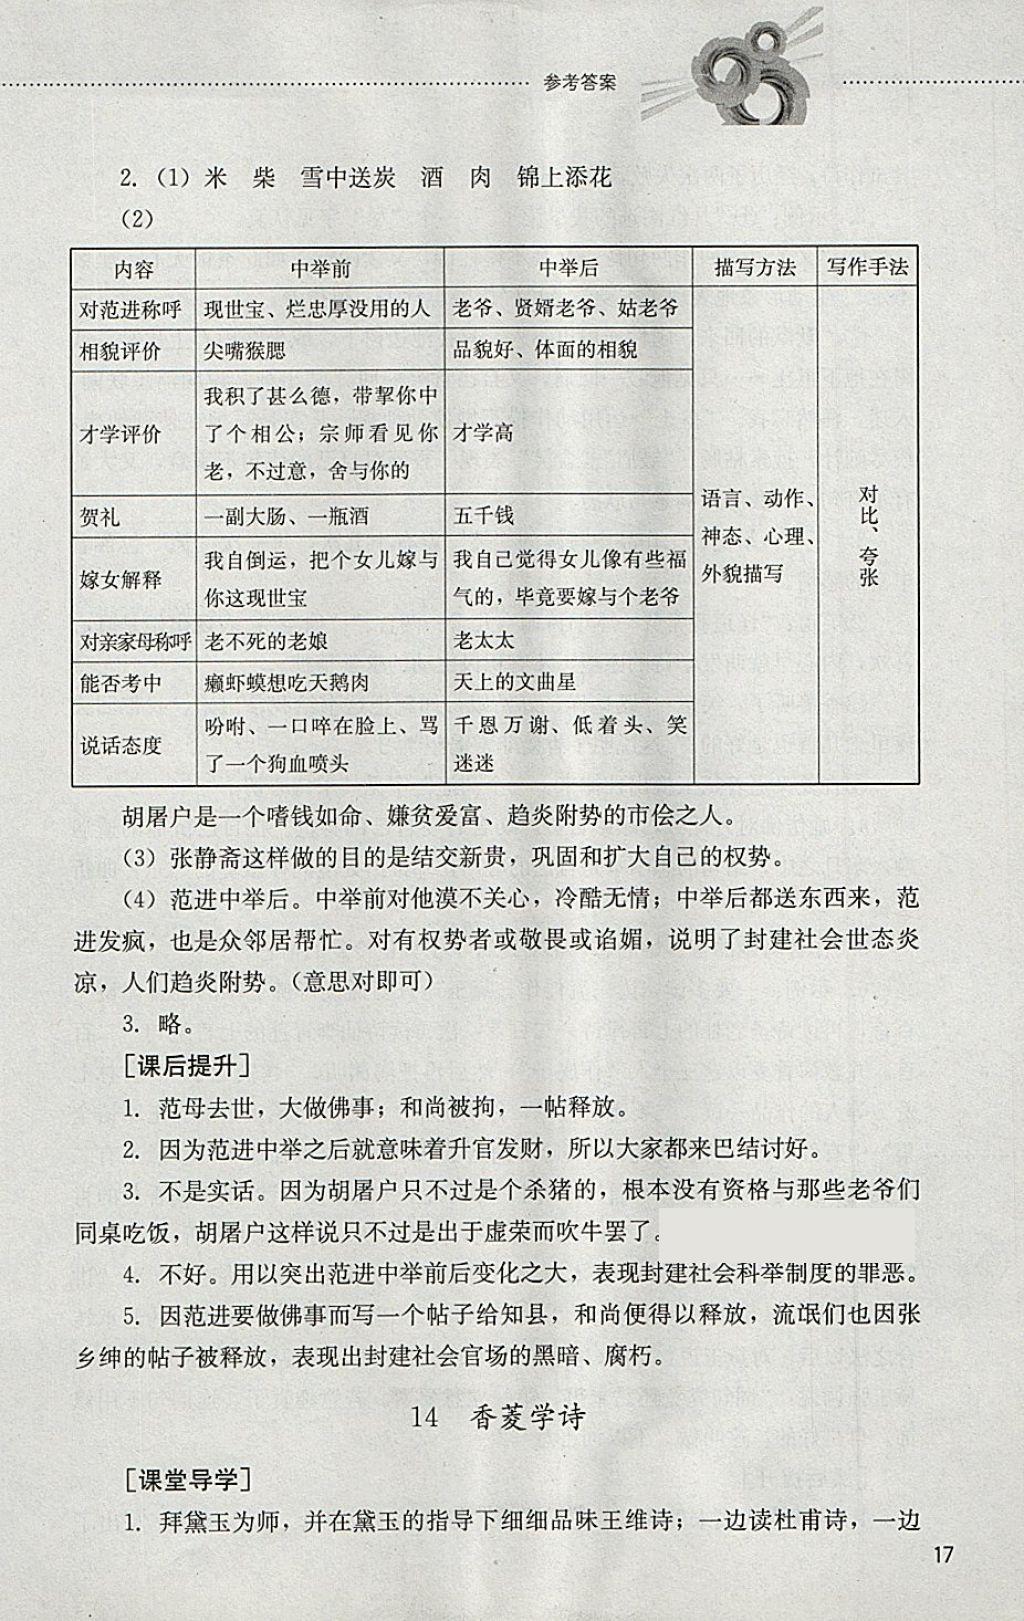 2018年初中课堂同步训练九年级语文下册山东文艺出版社第17页